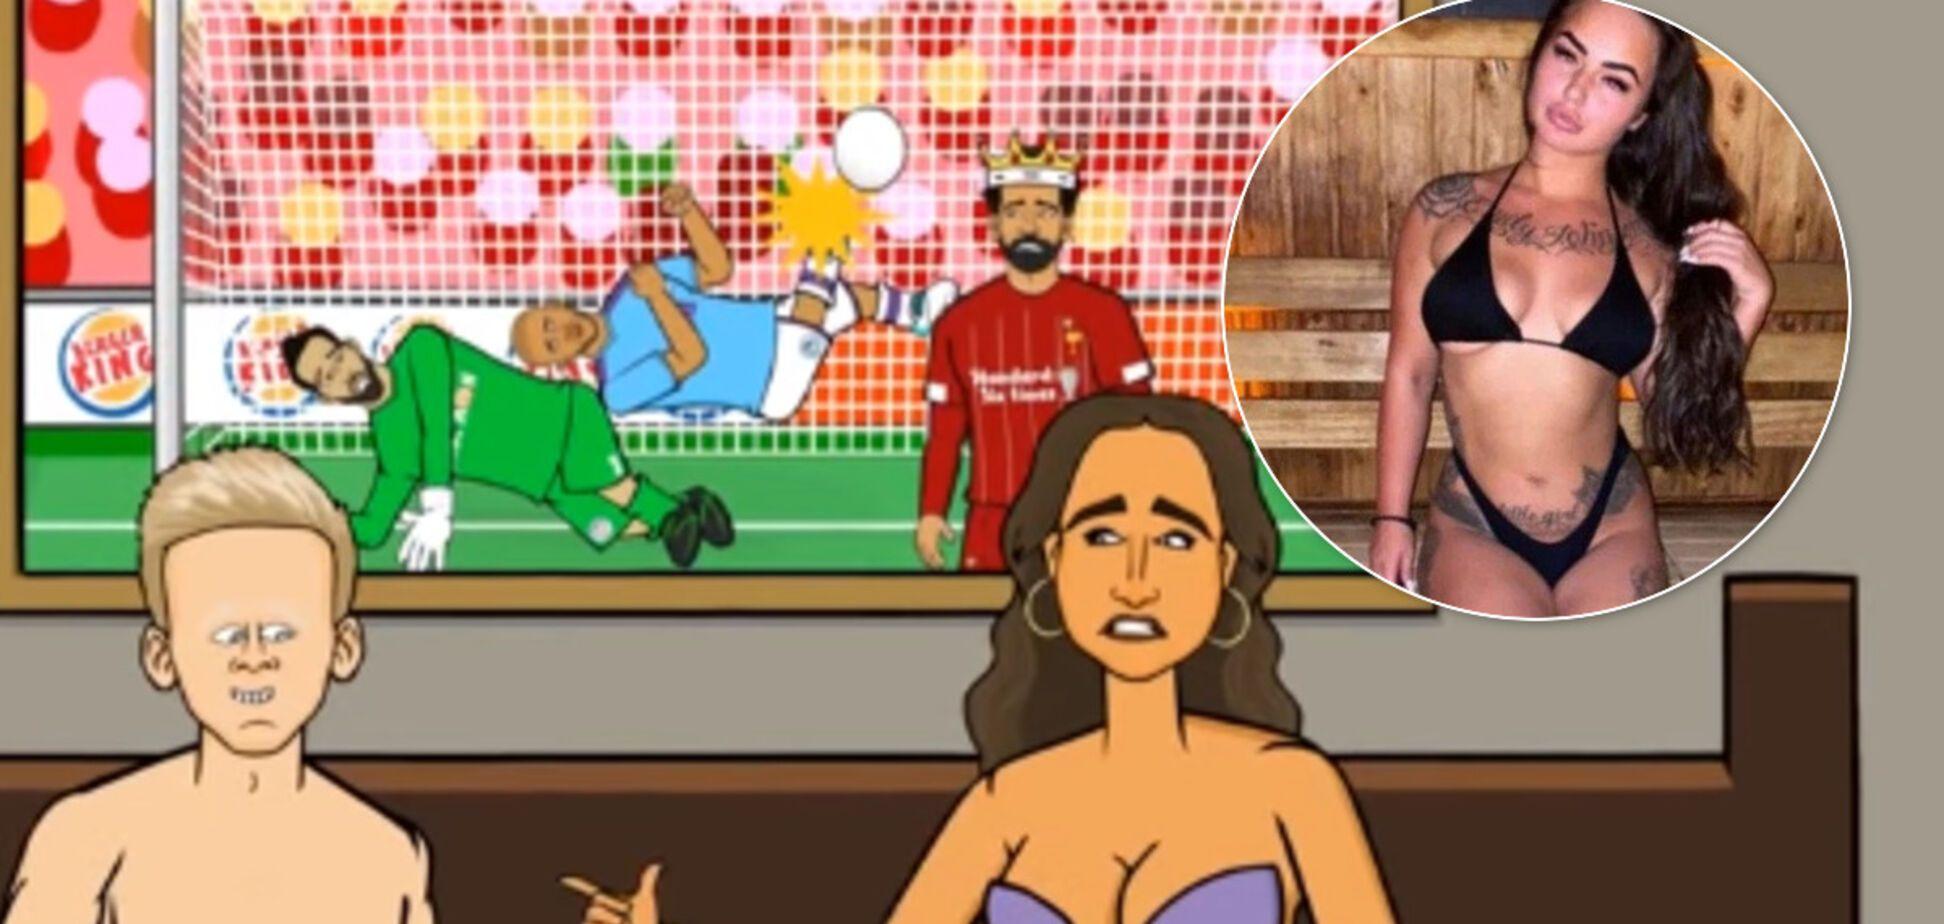 Зінченка 'показали' на вечірці з повіями, яку влаштував футболіст 'Манчестер Сіті'